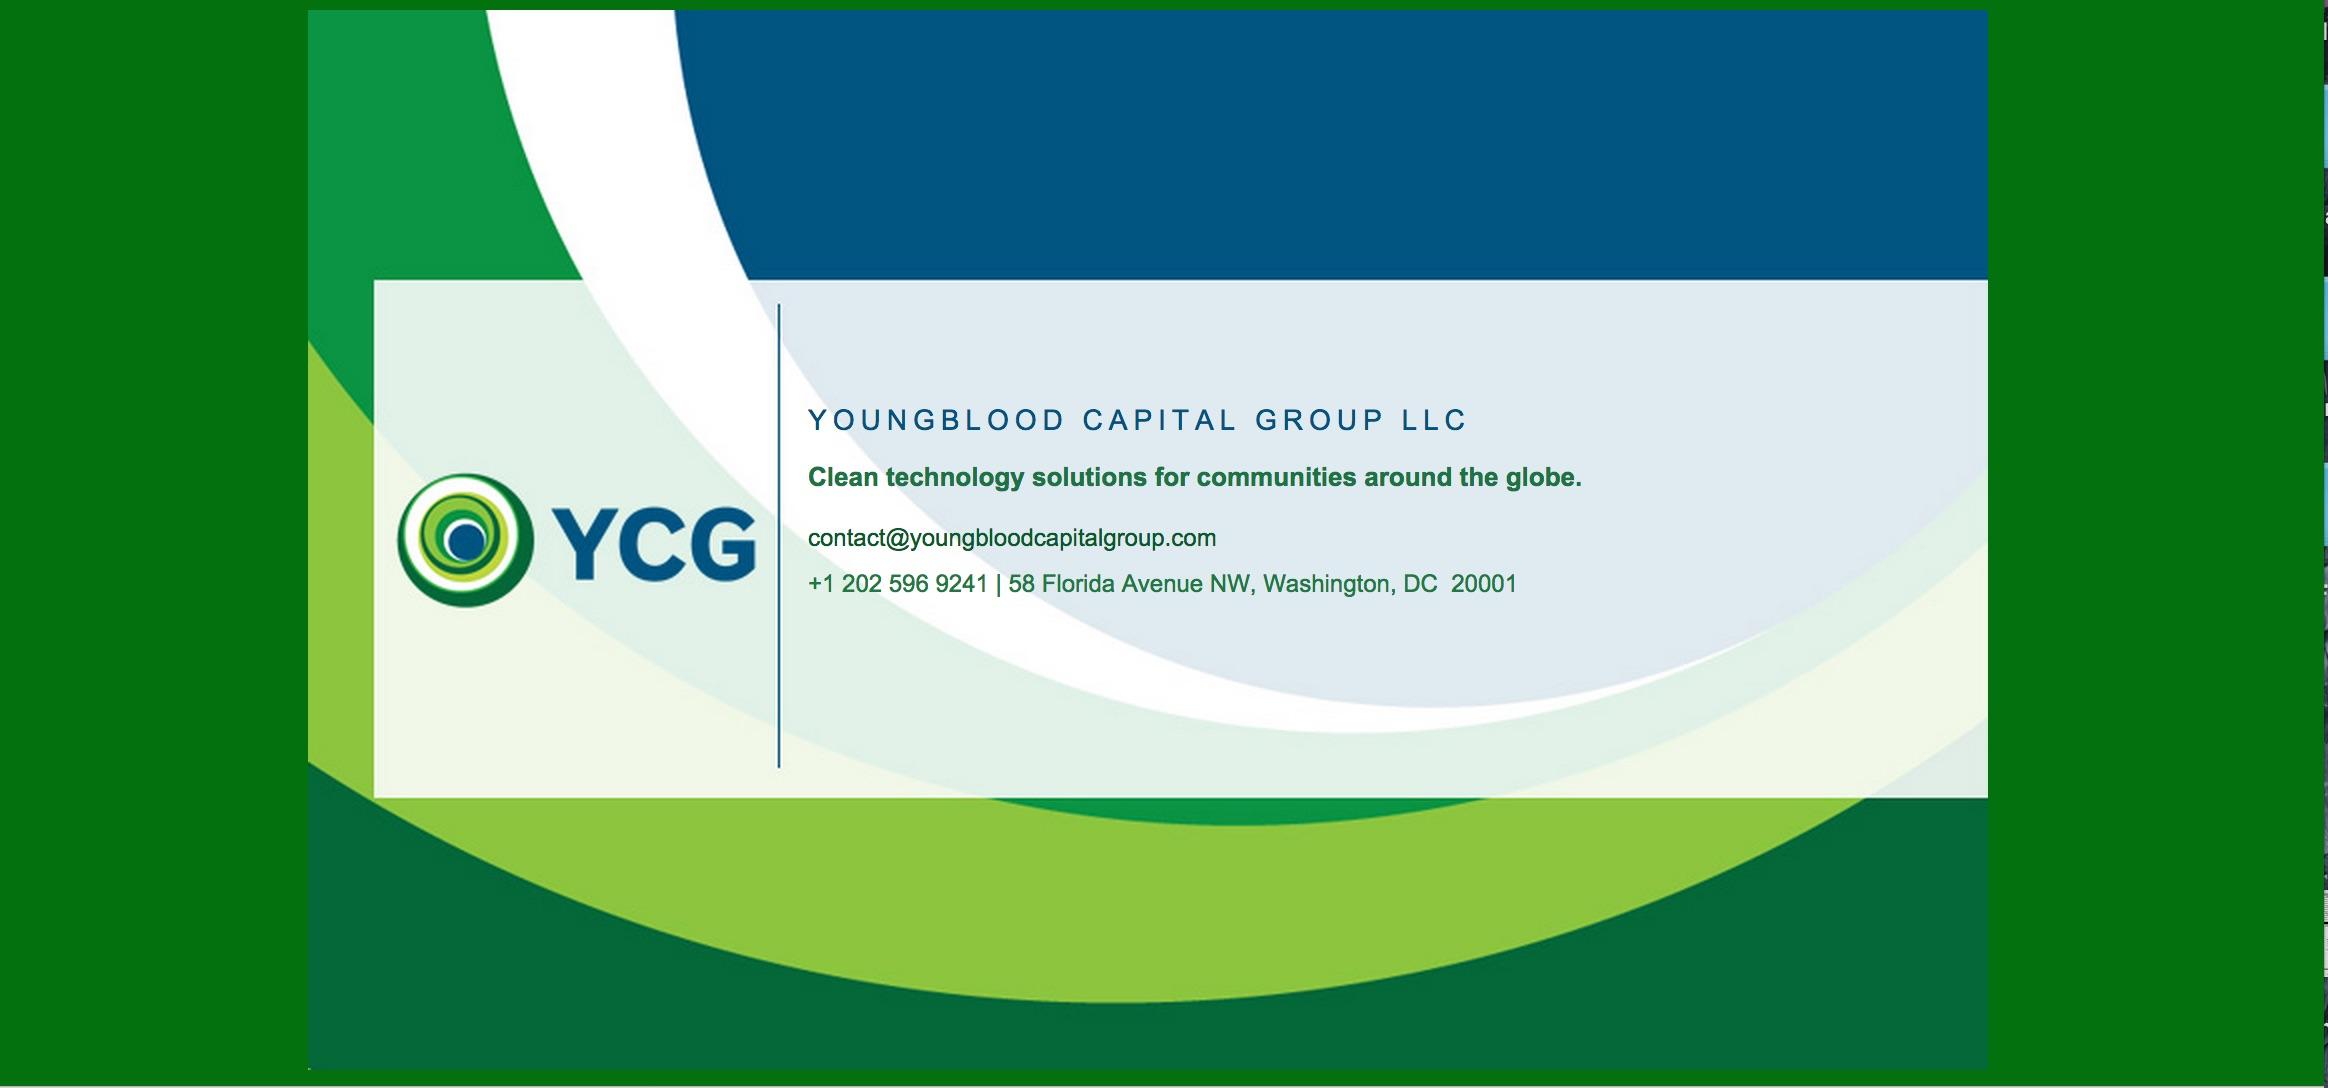 YCG Website Splash Page